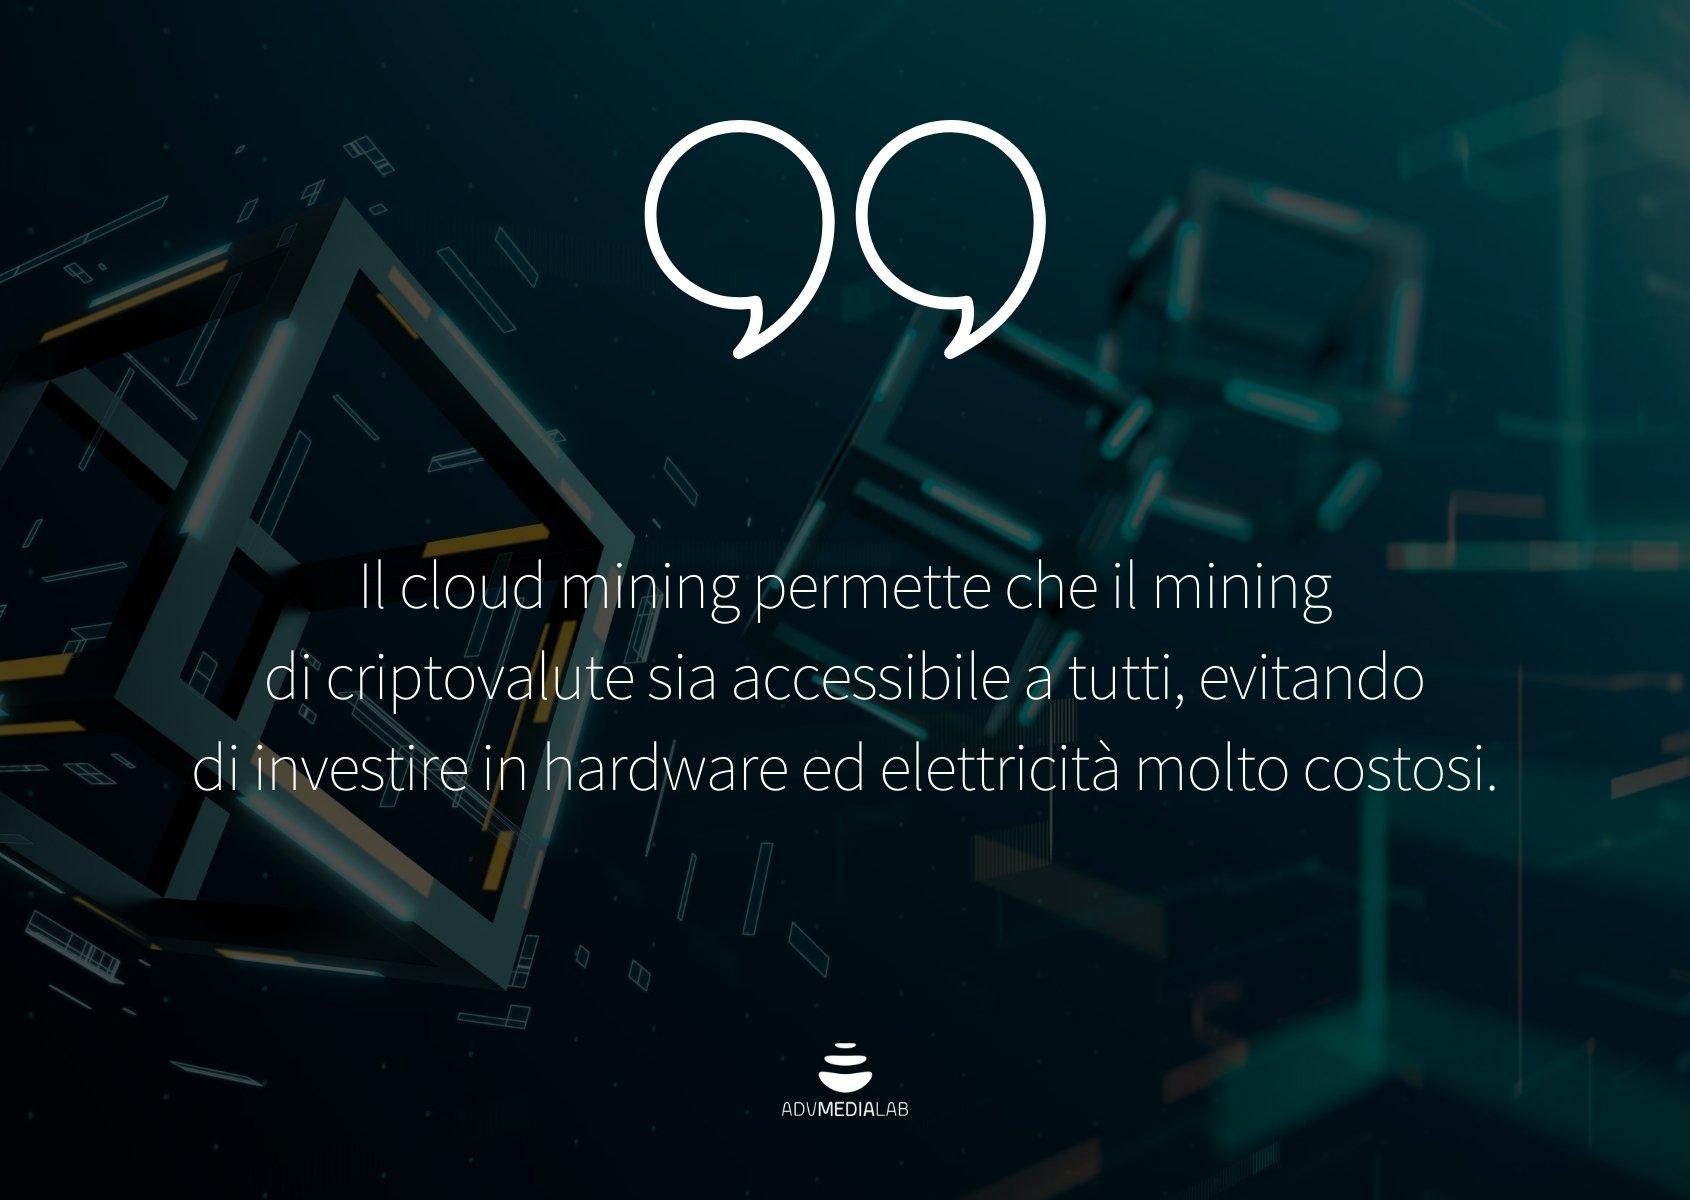 Dizionario-blockchain-quote3